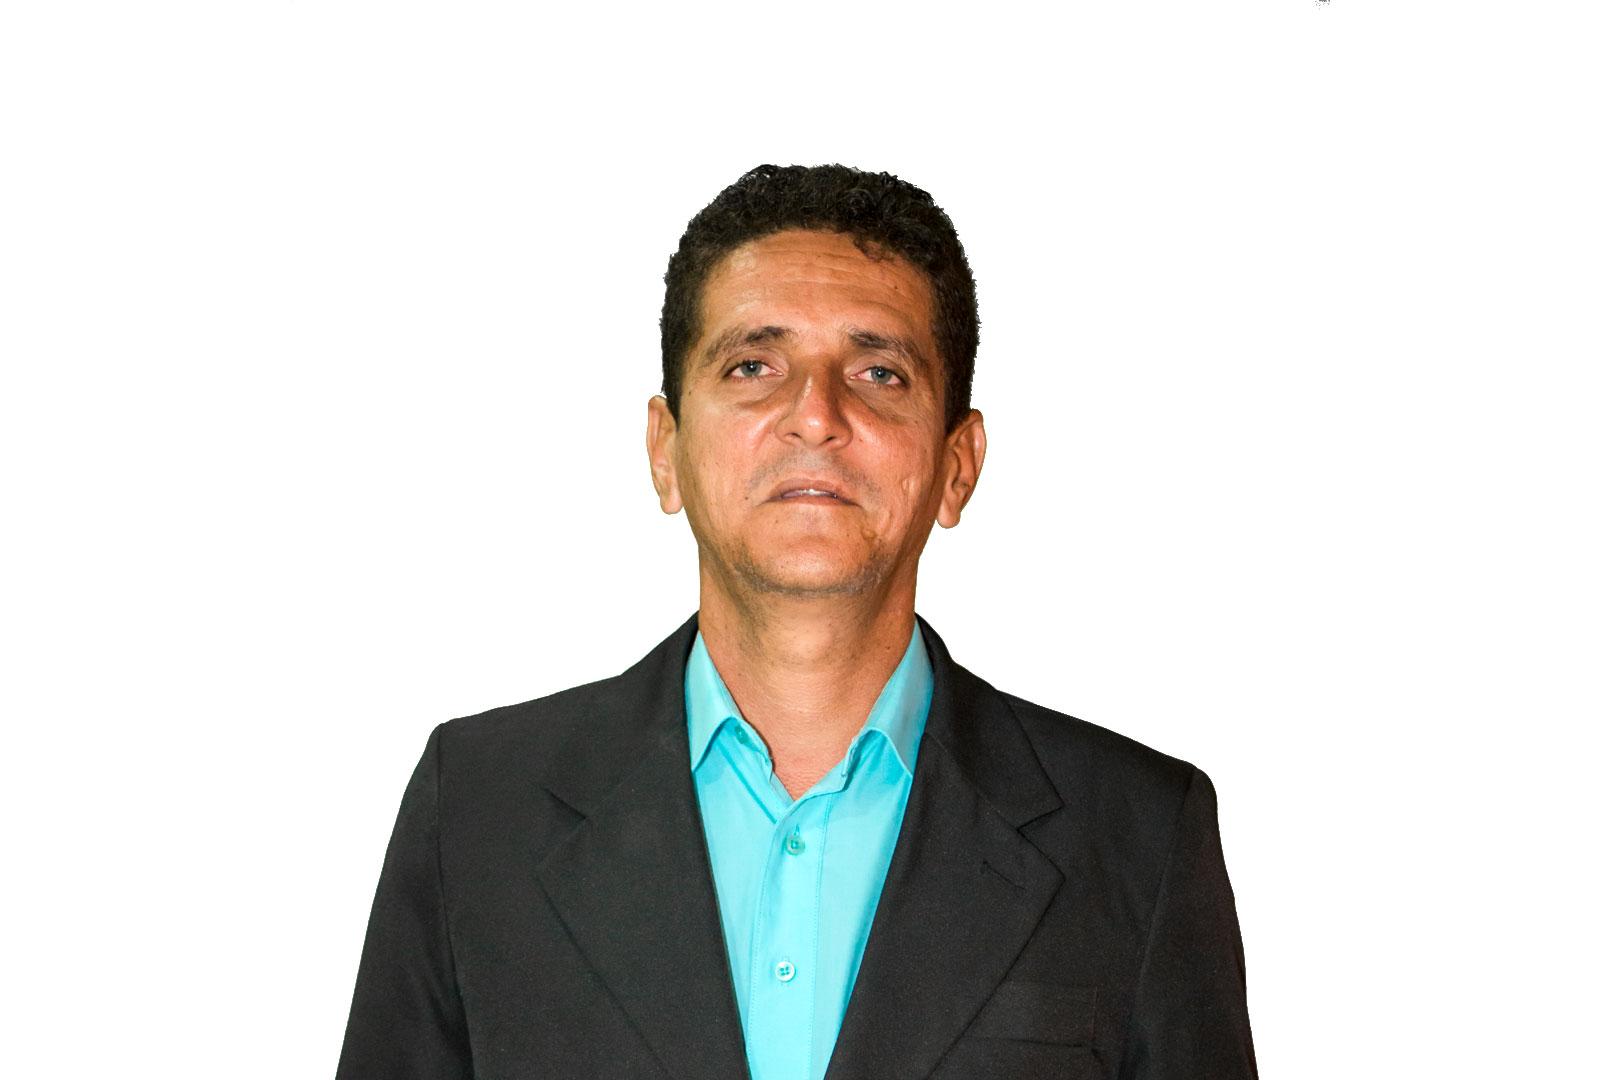 AMILCAR PEREIRA RIOS